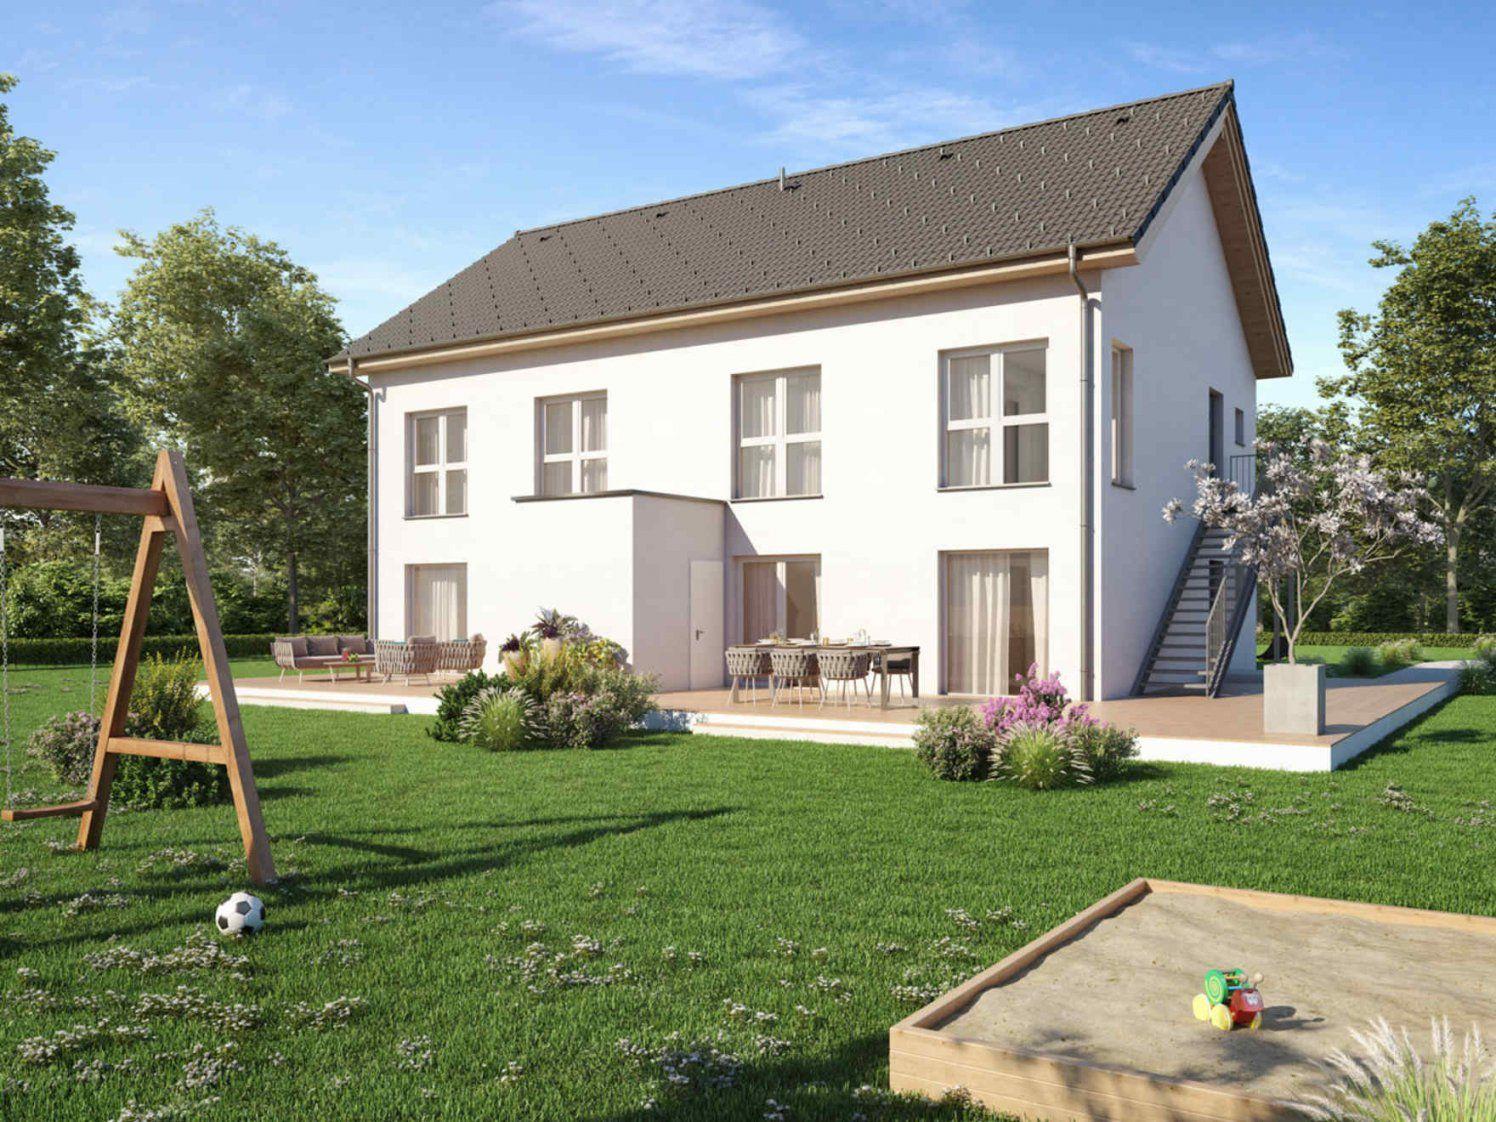 Ihr Perfektes Fertigteilhaus Eigenes Fertighaus 80M2 Kaufen Vario ...